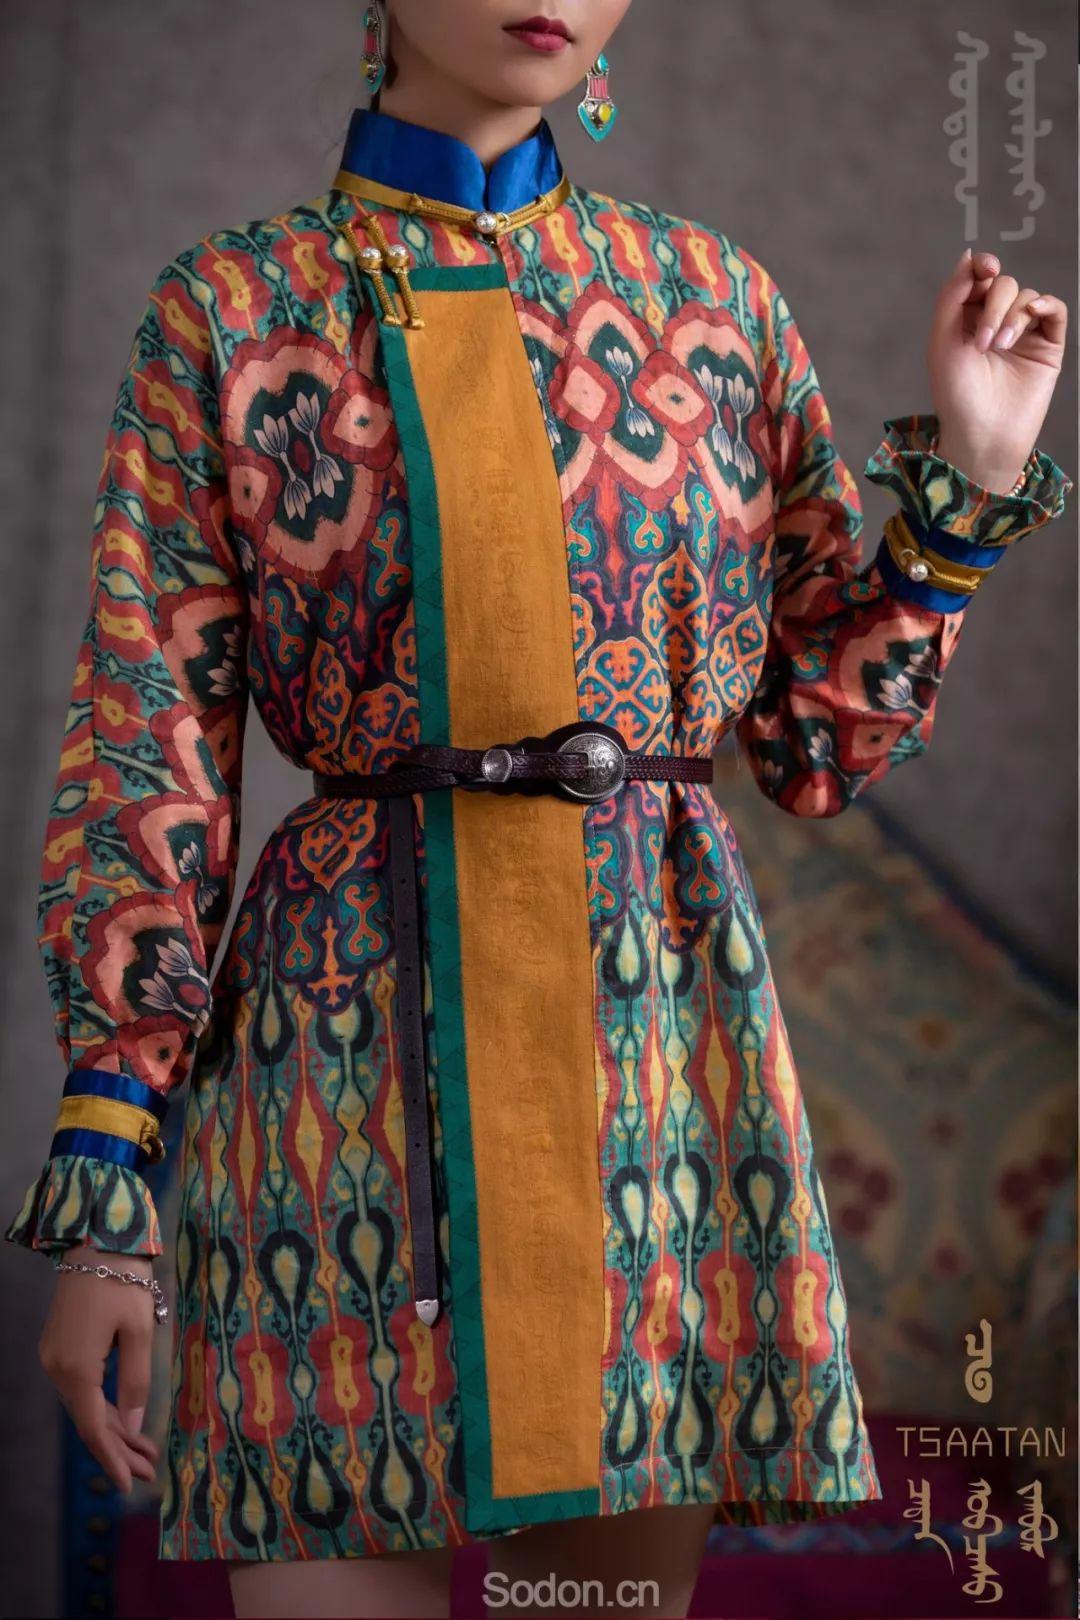 TSAATAN蒙古时装秋冬系列,来自驯鹿人的独特魅力! 第35张 TSAATAN蒙古时装秋冬系列,来自驯鹿人的独特魅力! 蒙古服饰